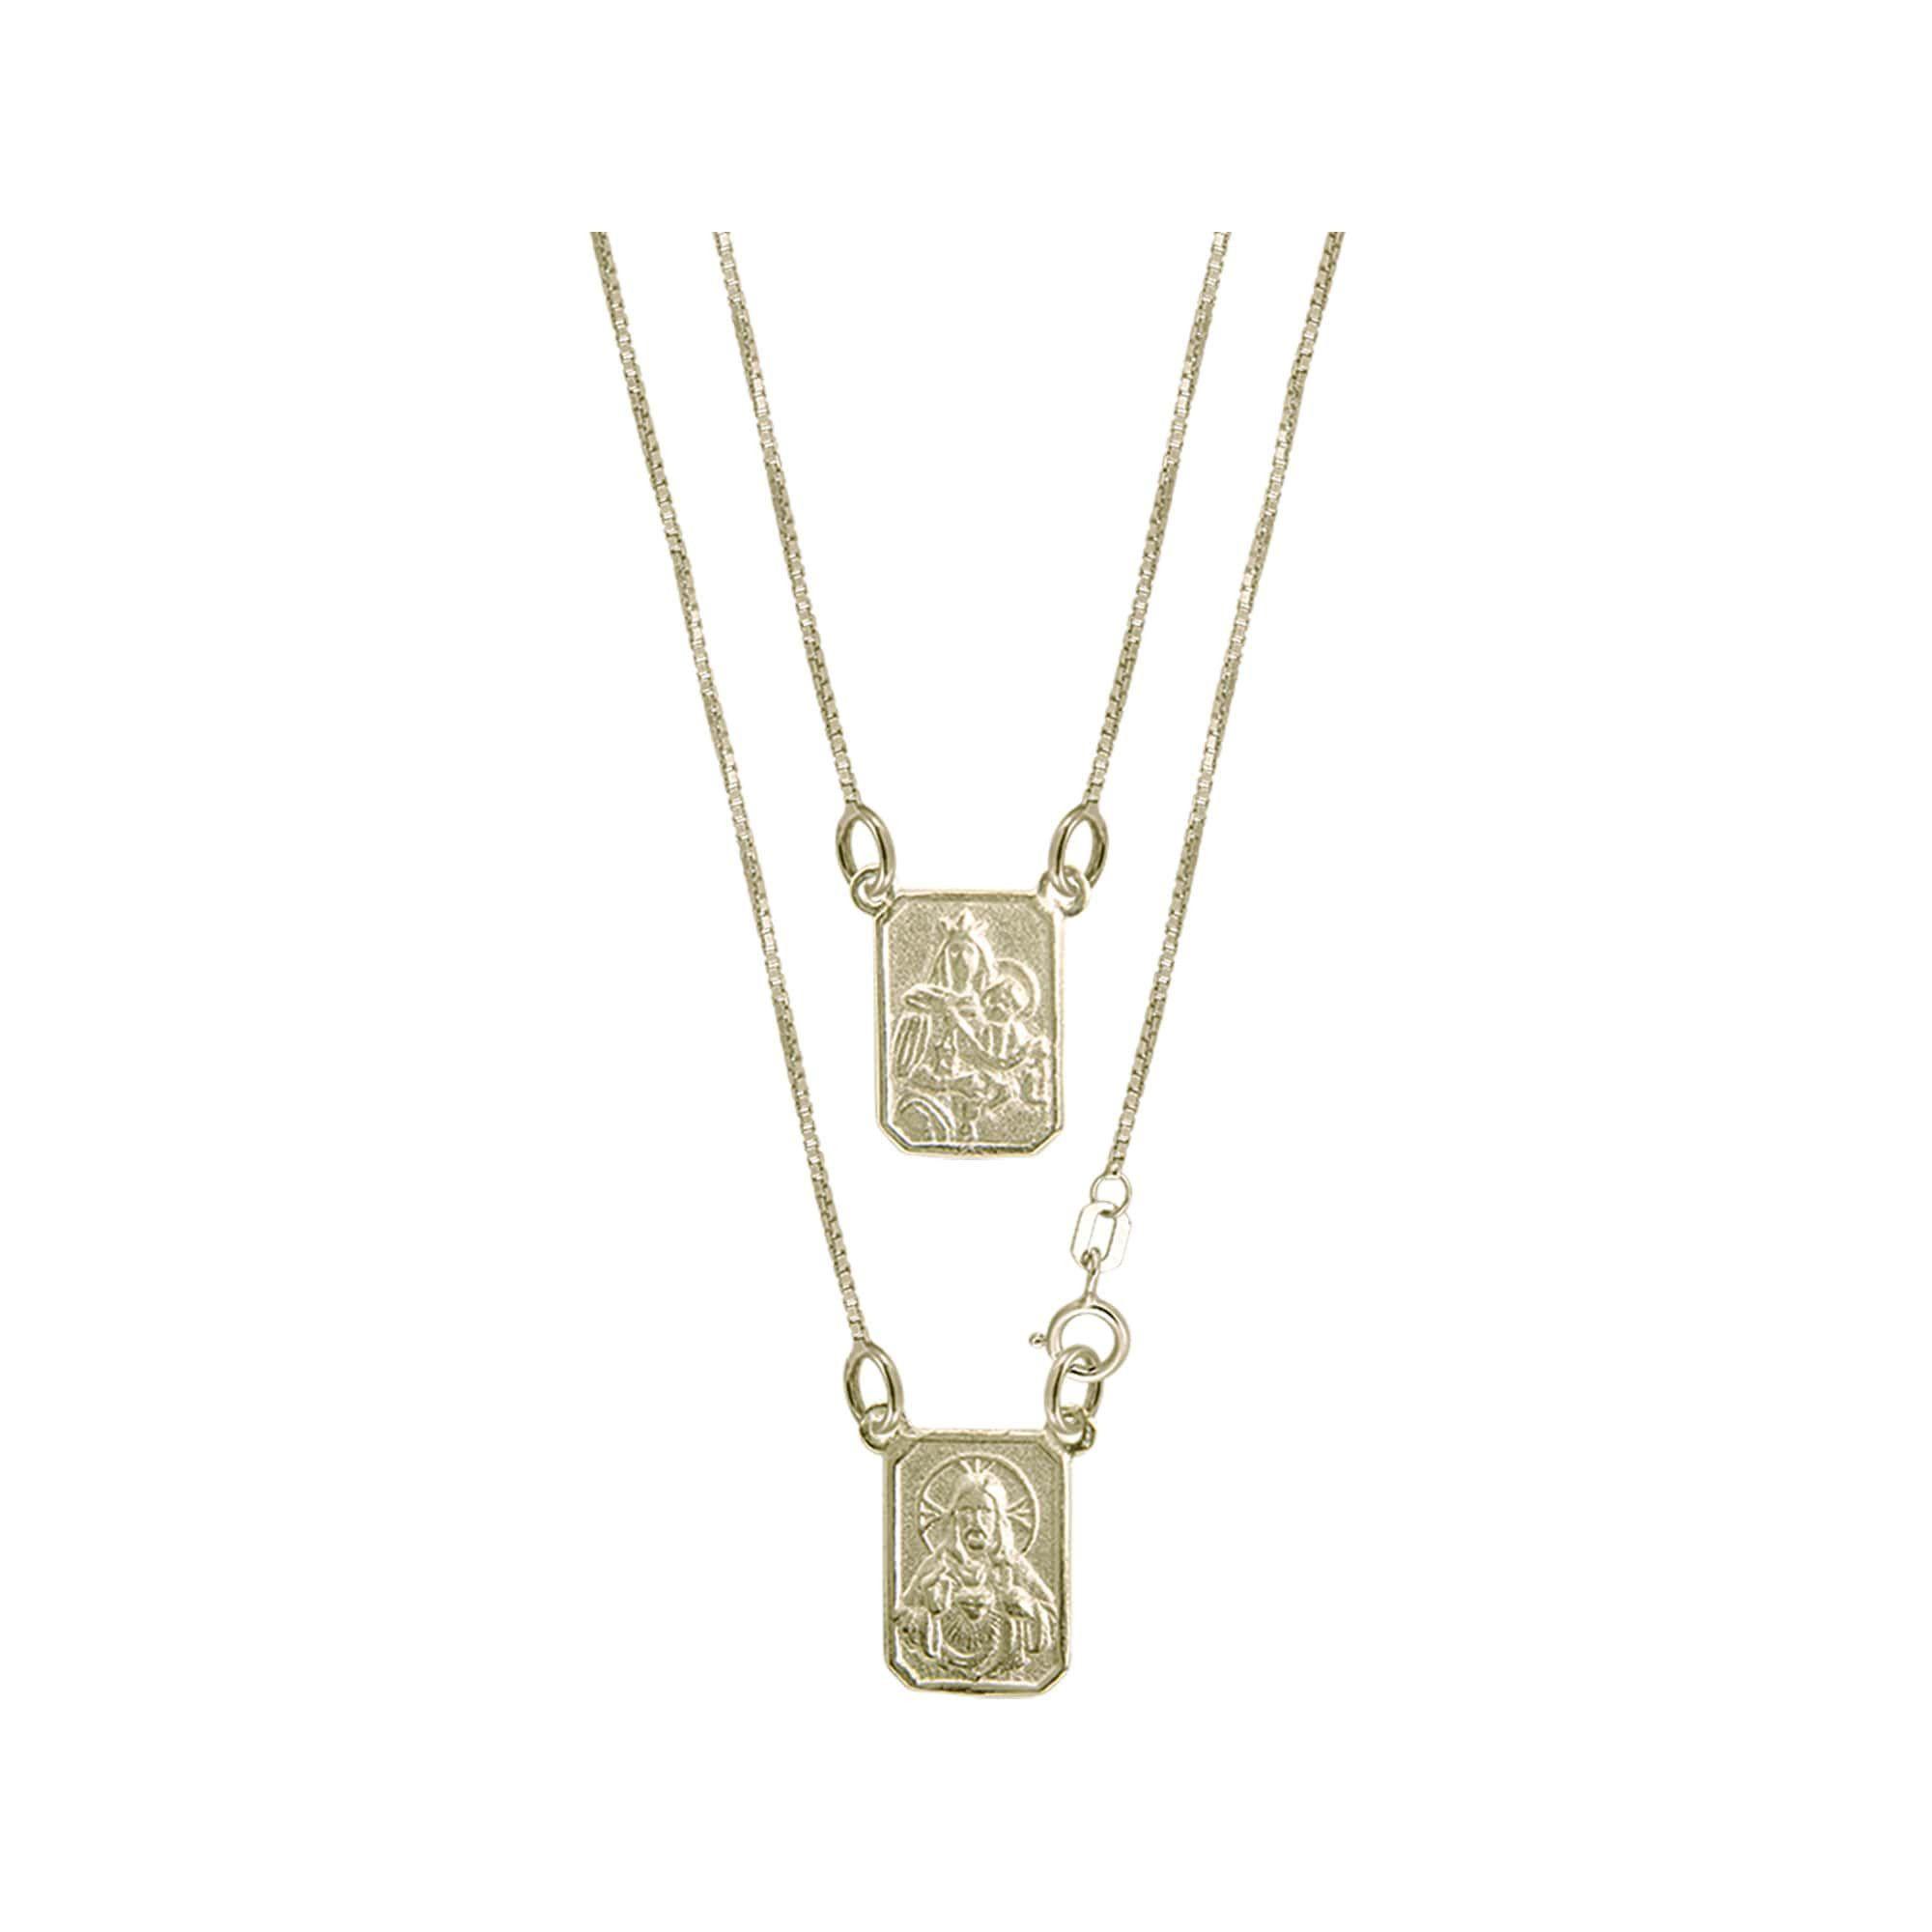 Escapulário Prata/Banho Ouro 18K  S.C. Jesus e N.Sra.Carmo - Curto 45cm 3202745